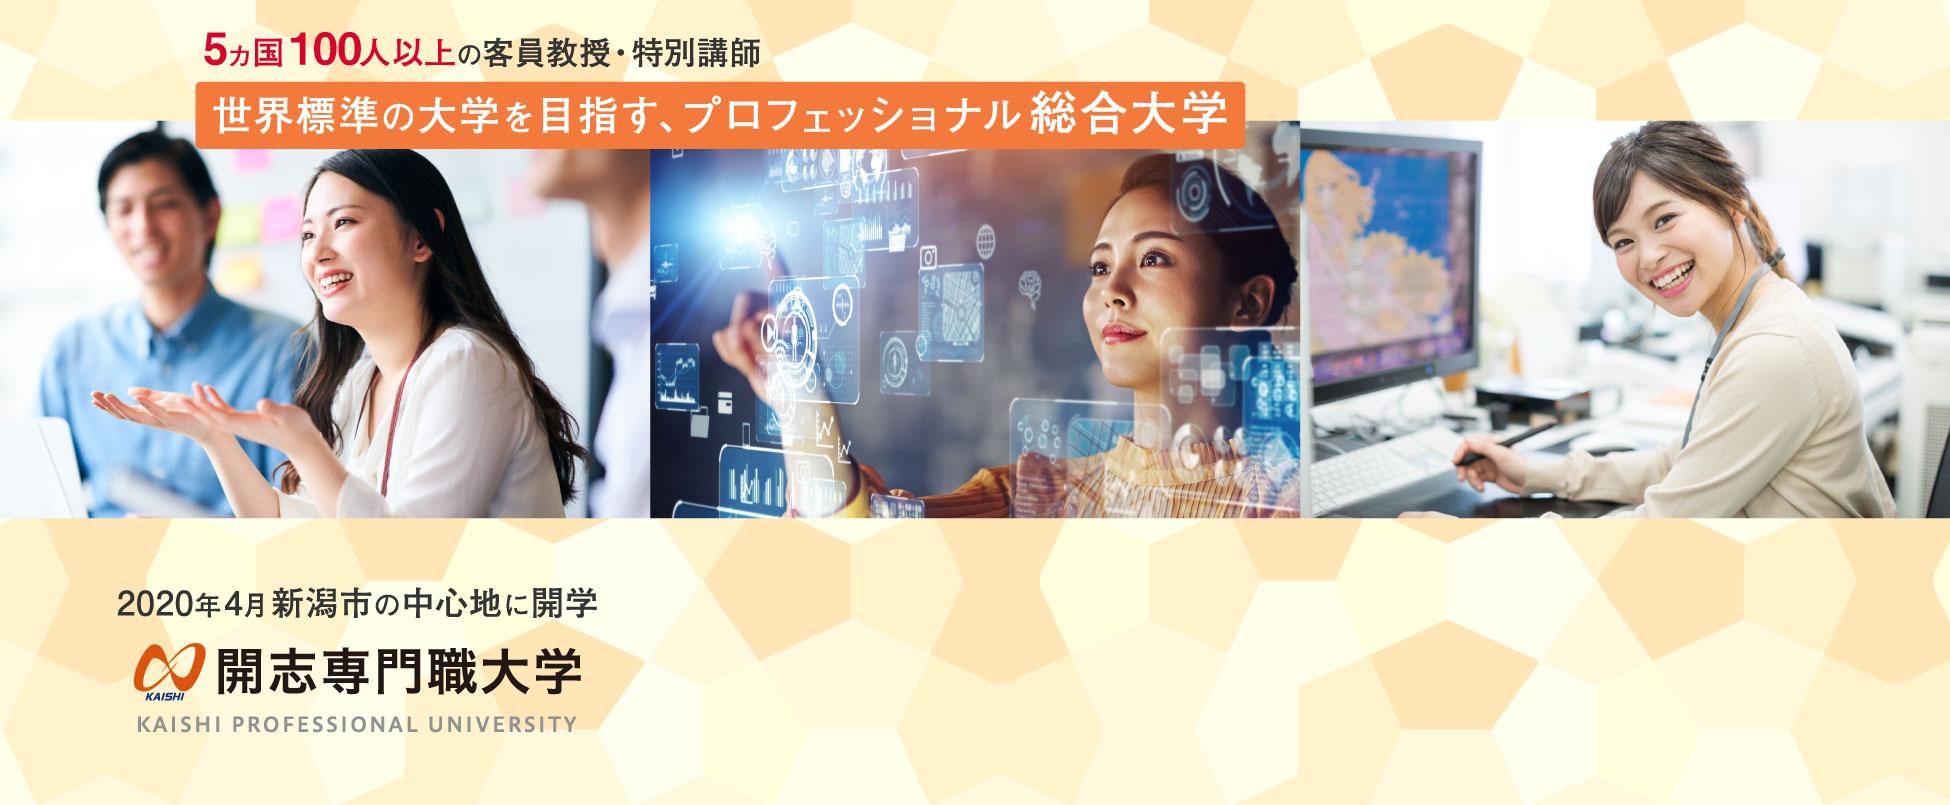 日本初 国によって創設された新・大学制度 「総合専門職大学」開学